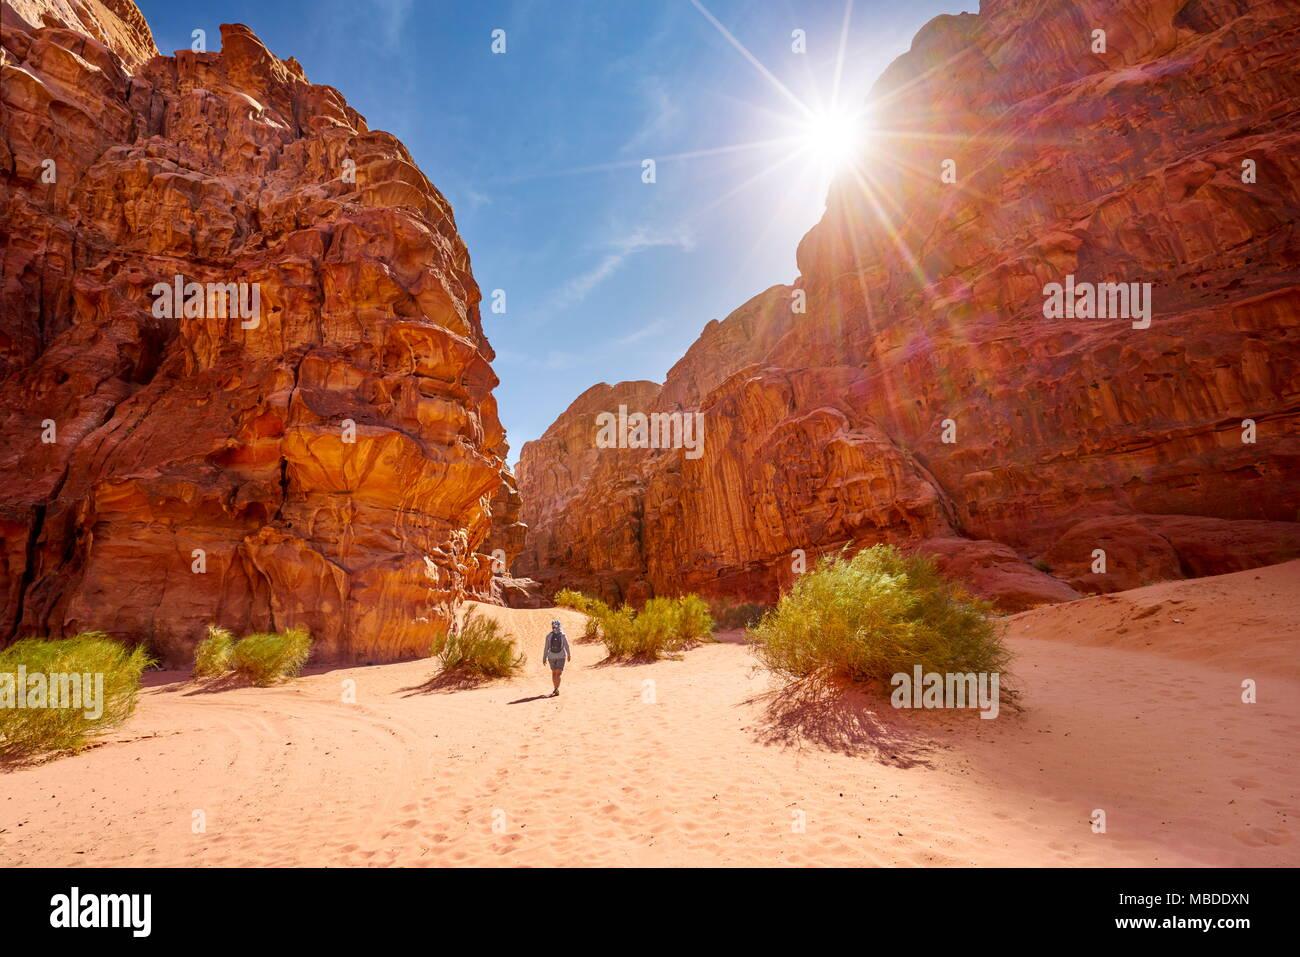 Trekking en el desierto de Wadi Rum, Jordania Imagen De Stock